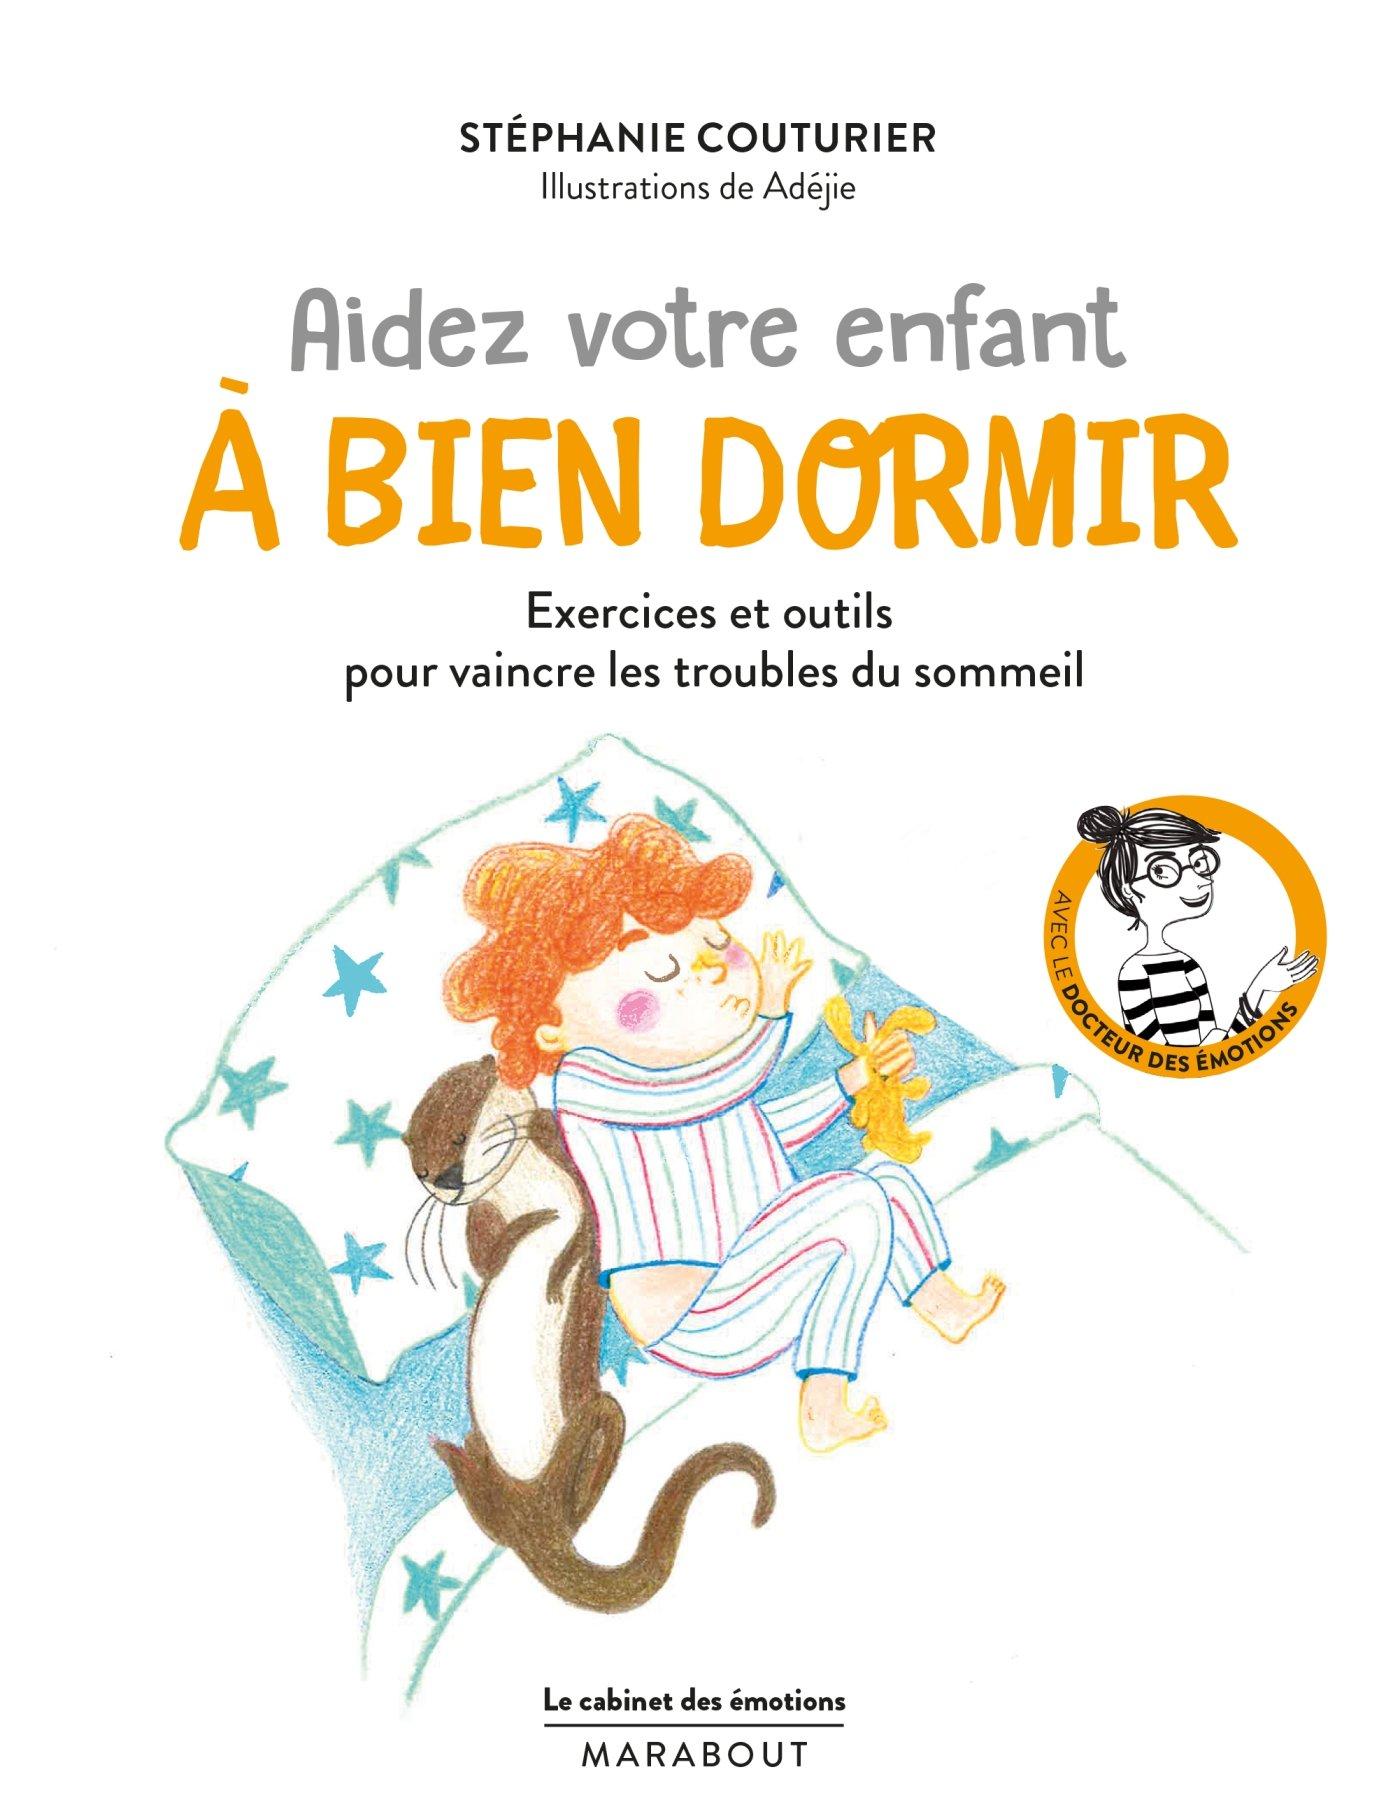 Le cabinet des émotions : aidez votre enfant à bien dormir (exercices et outils pour vaincre les troubles du sommeil)